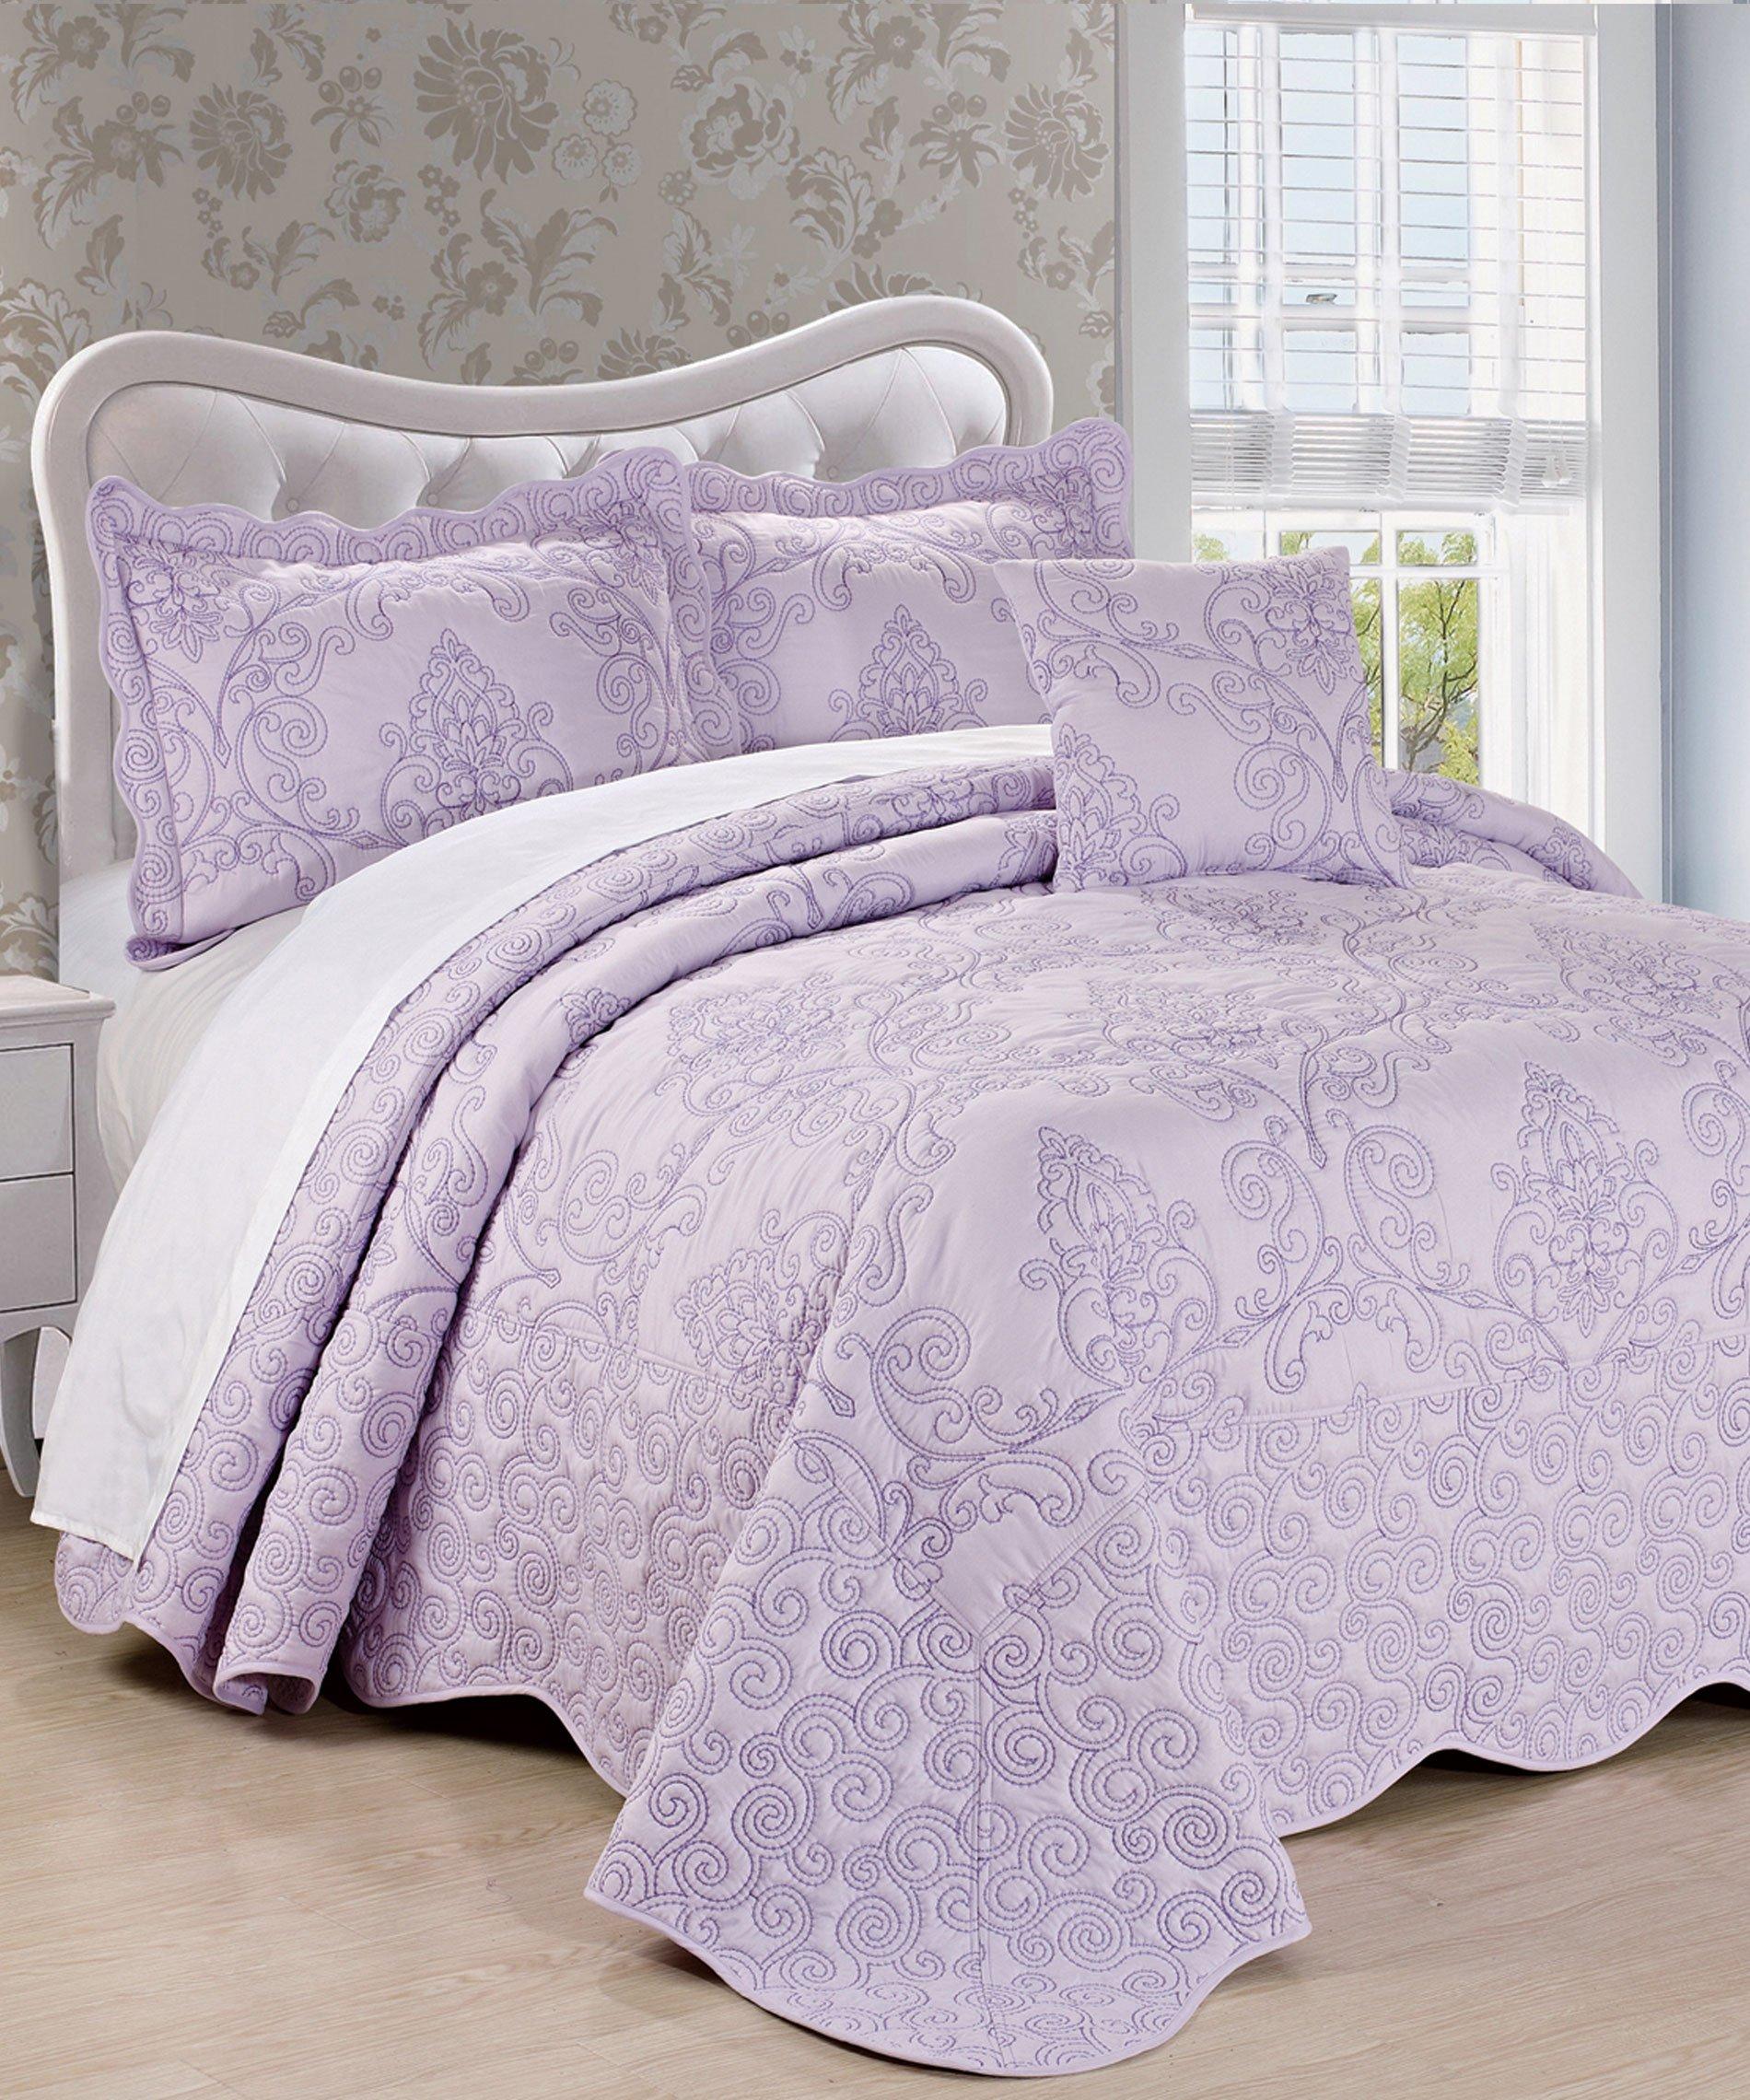 Serenta Damask 4 Piece Bedspread Set, King, Lavender Fog